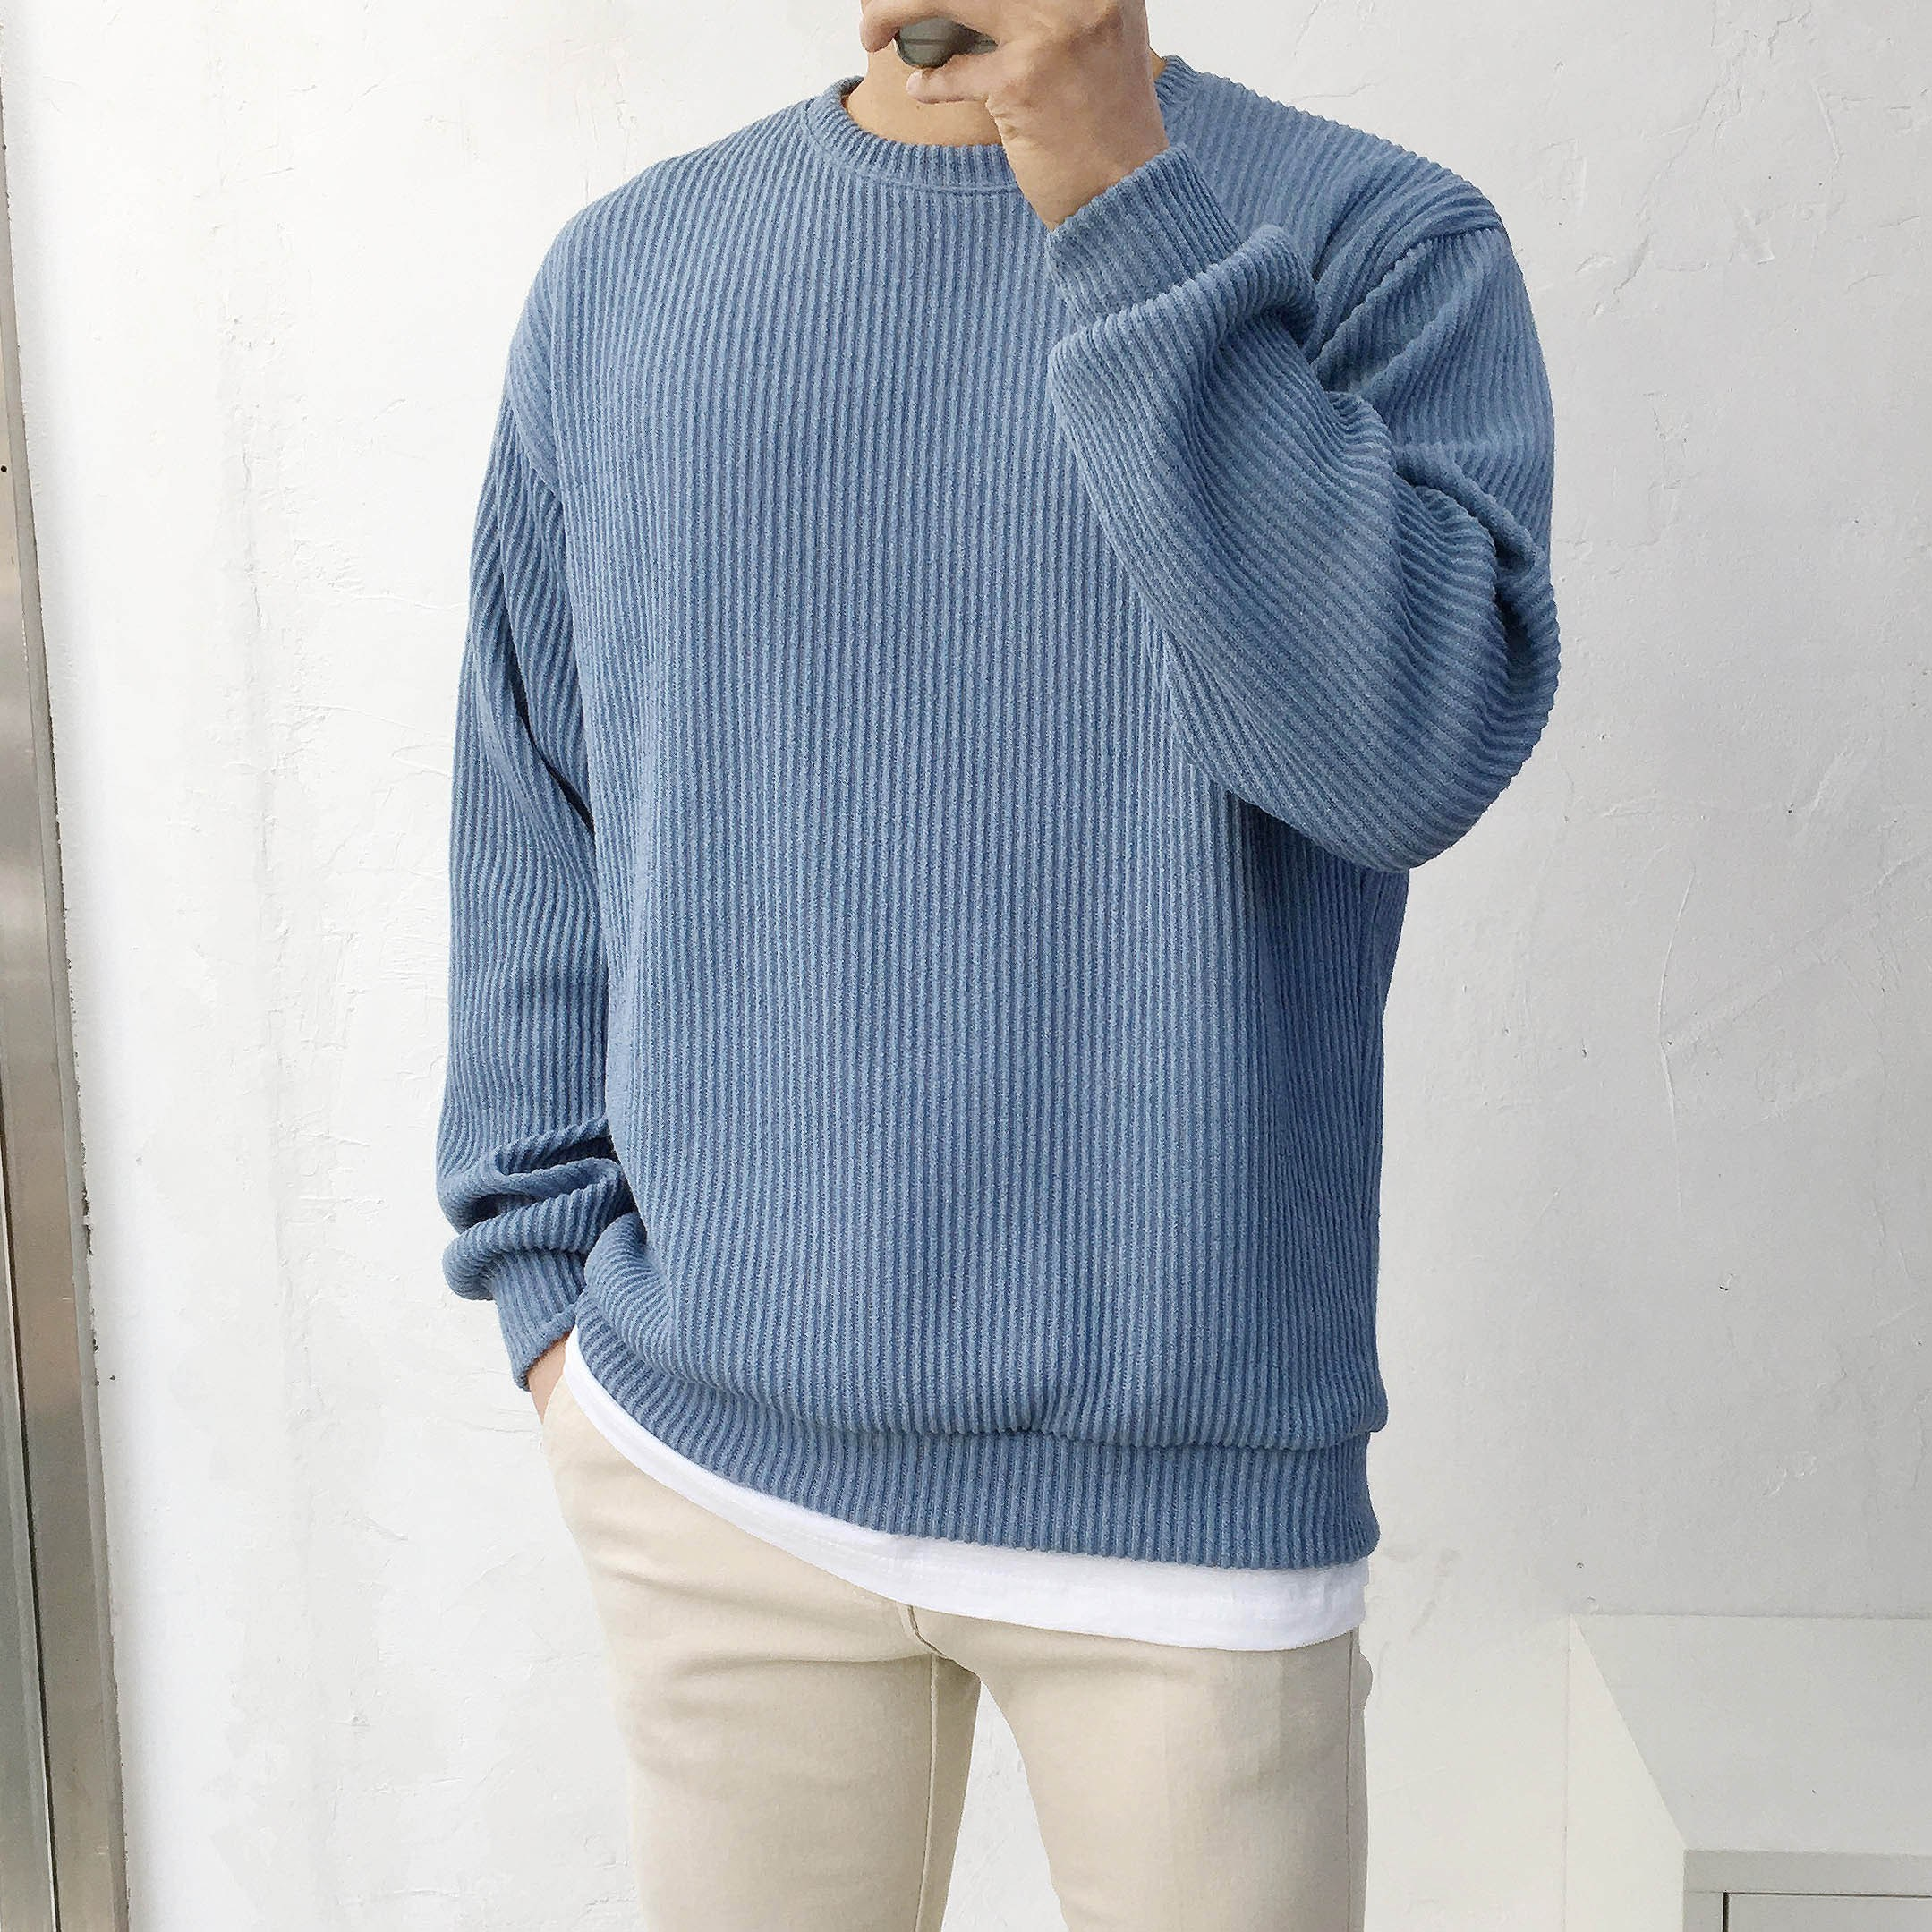 남자 봄가을 오버핏 골지 니트 맨투맨 티셔츠(9컬러)